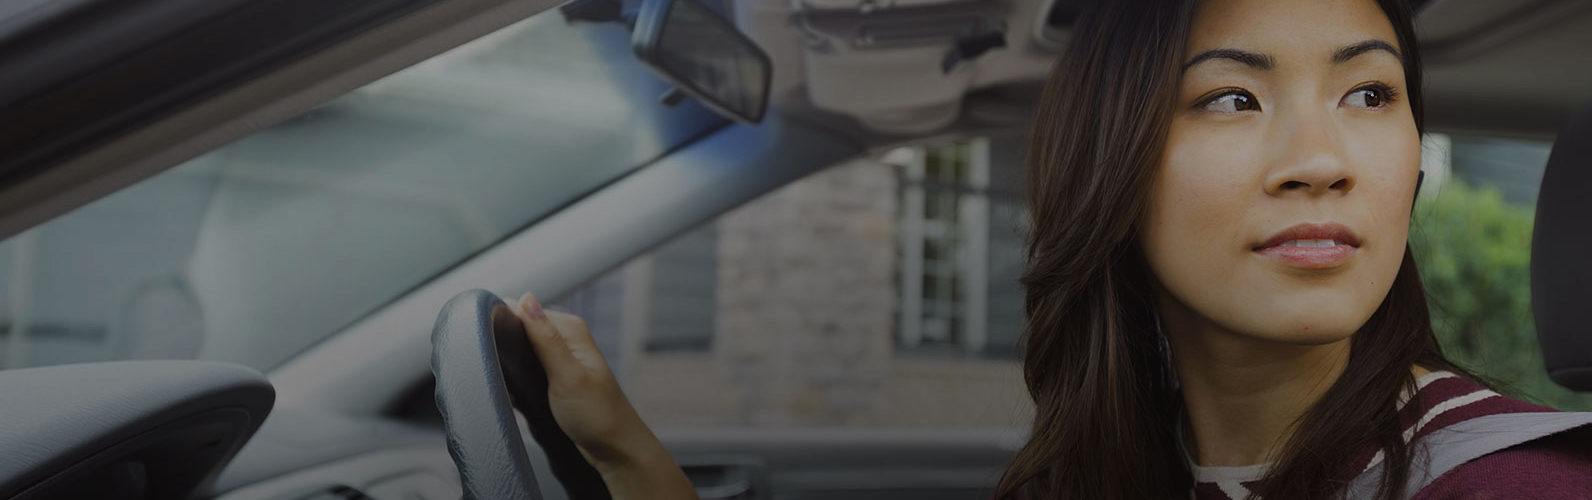 acheter-louer-faire-leasing-voiture-meilleures-solutions-une